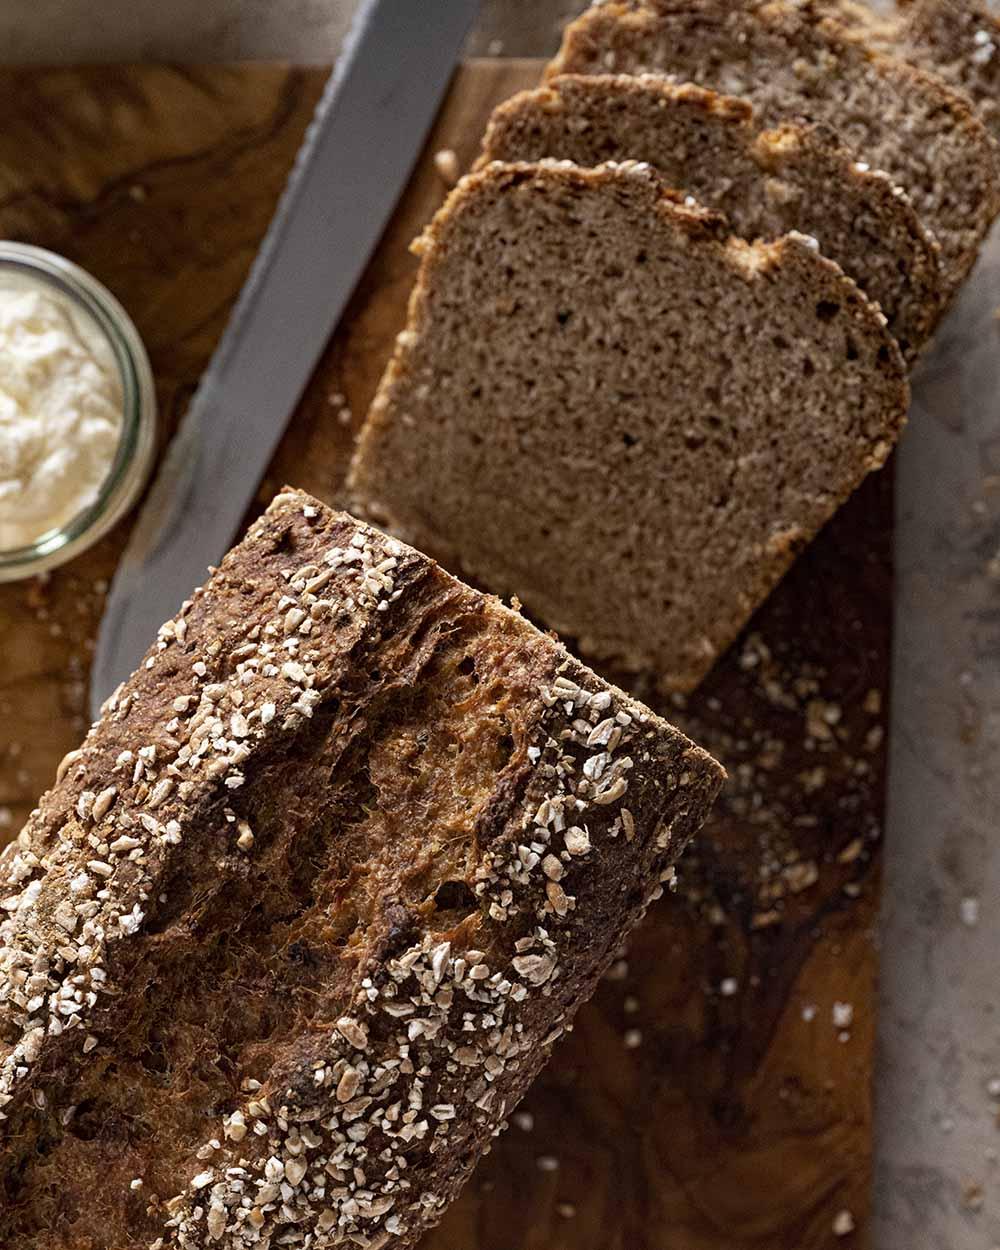 Abgeschnittene Schreiben von unserem Quark-Quitten-Brot, die das fluffige, saftige Innere zeigen.